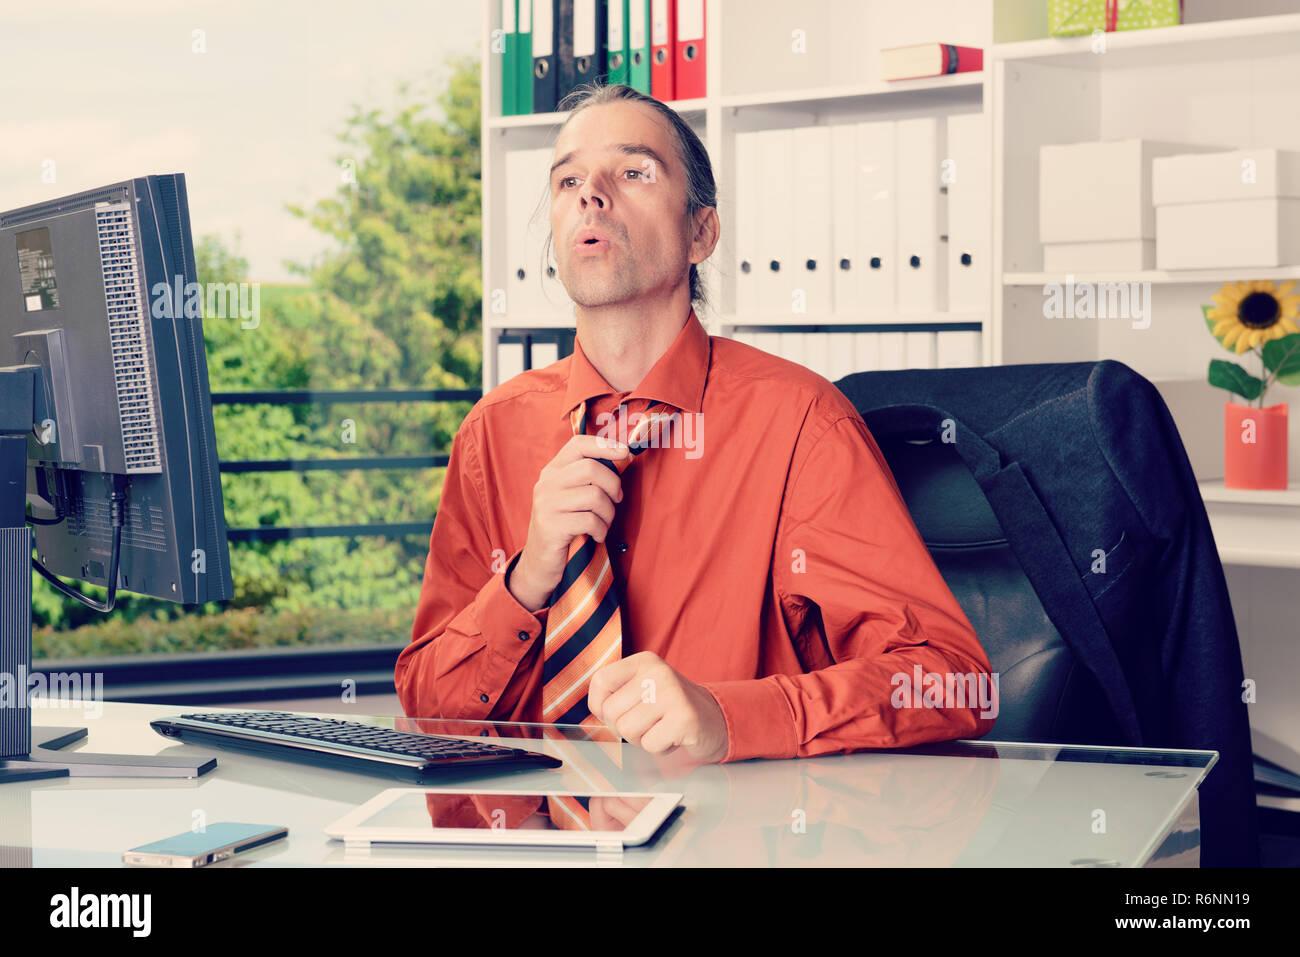 El hombre de negocios joven con ventilador en su escritorio en summerly o caliente Imagen De Stock